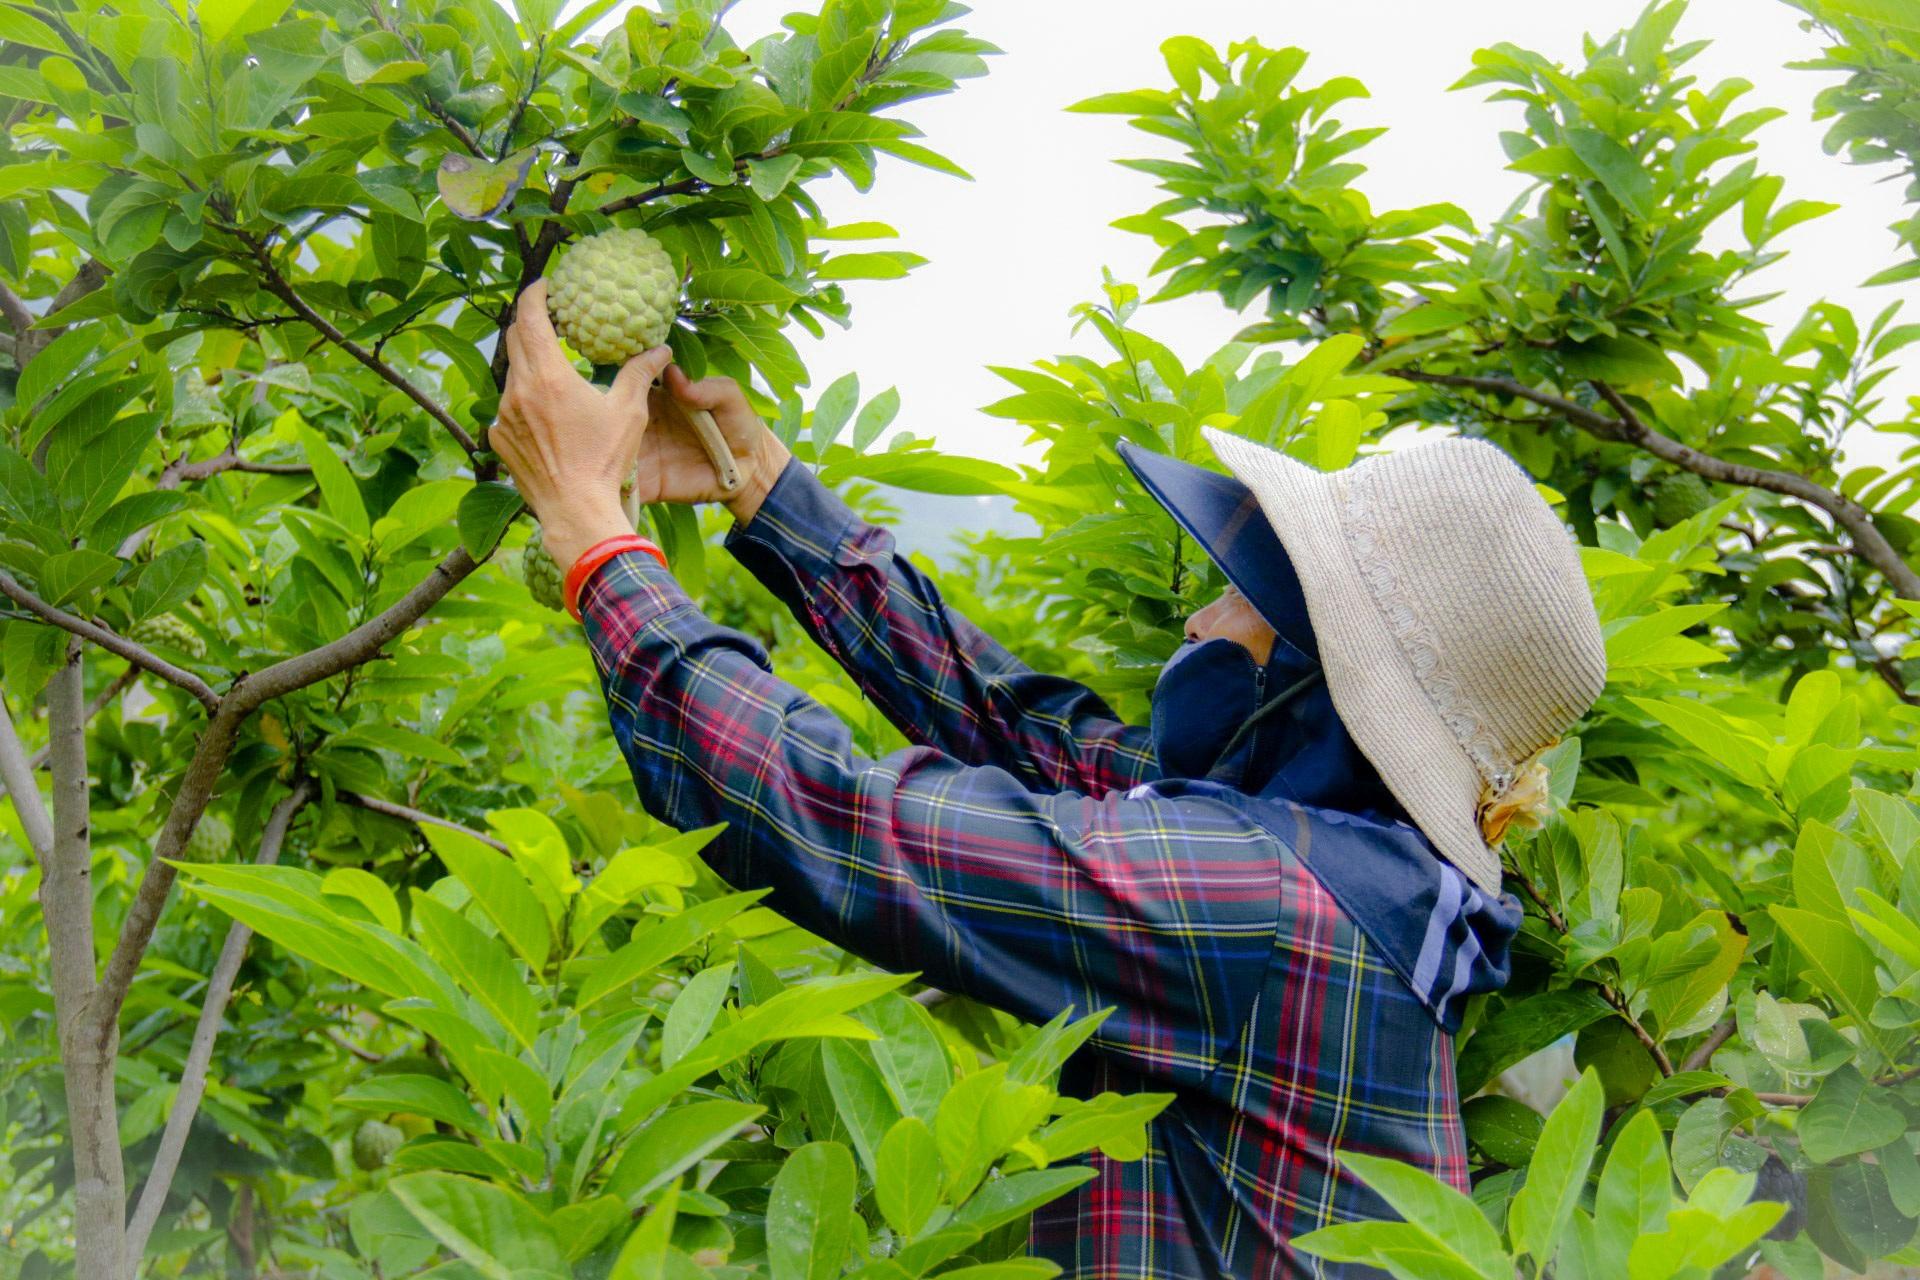 Thu hàng trăm tỷ đồng mỗi năm nhờ trồng loại quả vừa ngọt vừa dai - 4